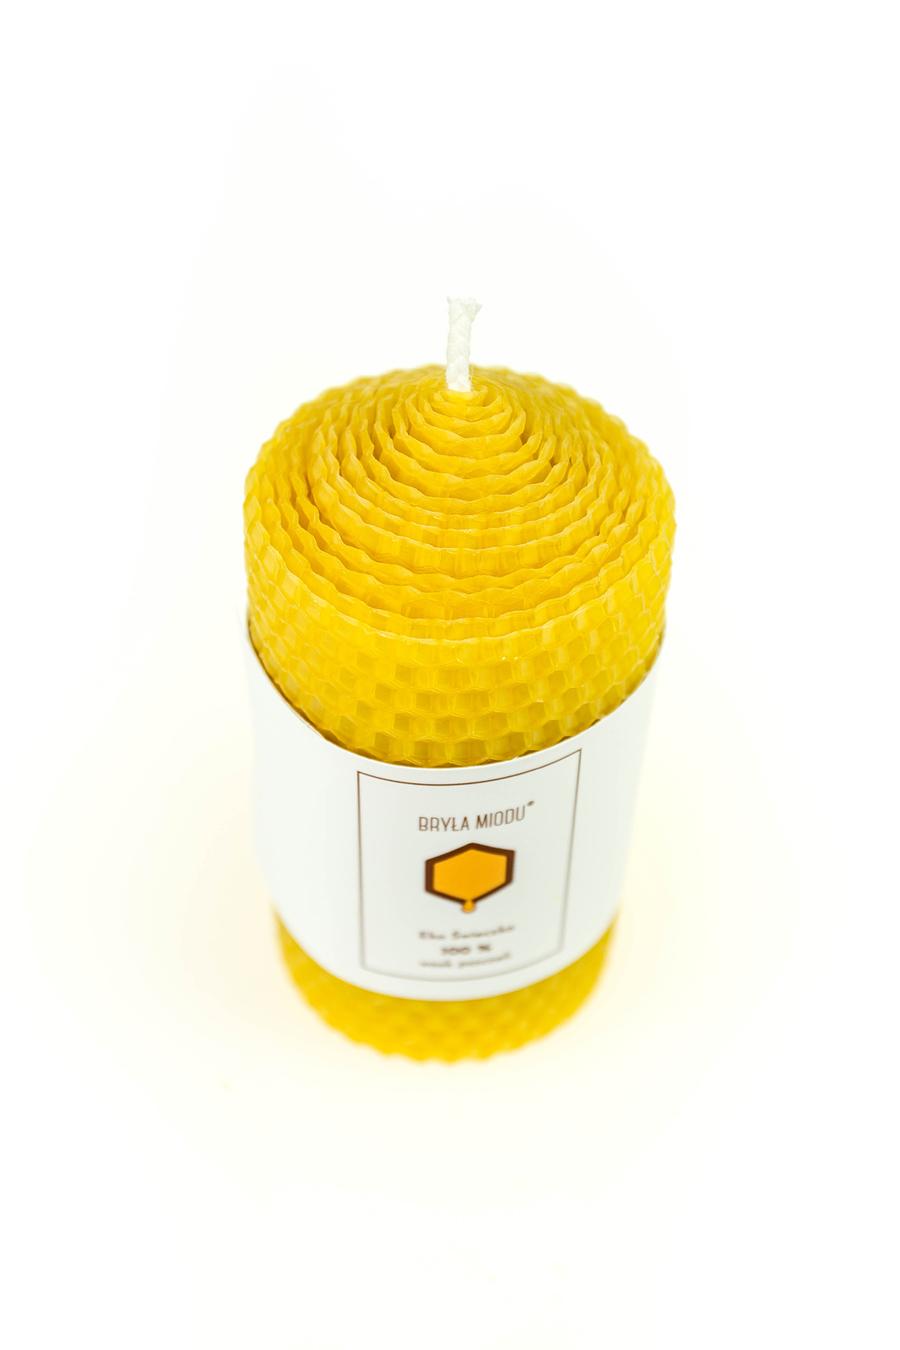 świeca z z węzy pszczelej